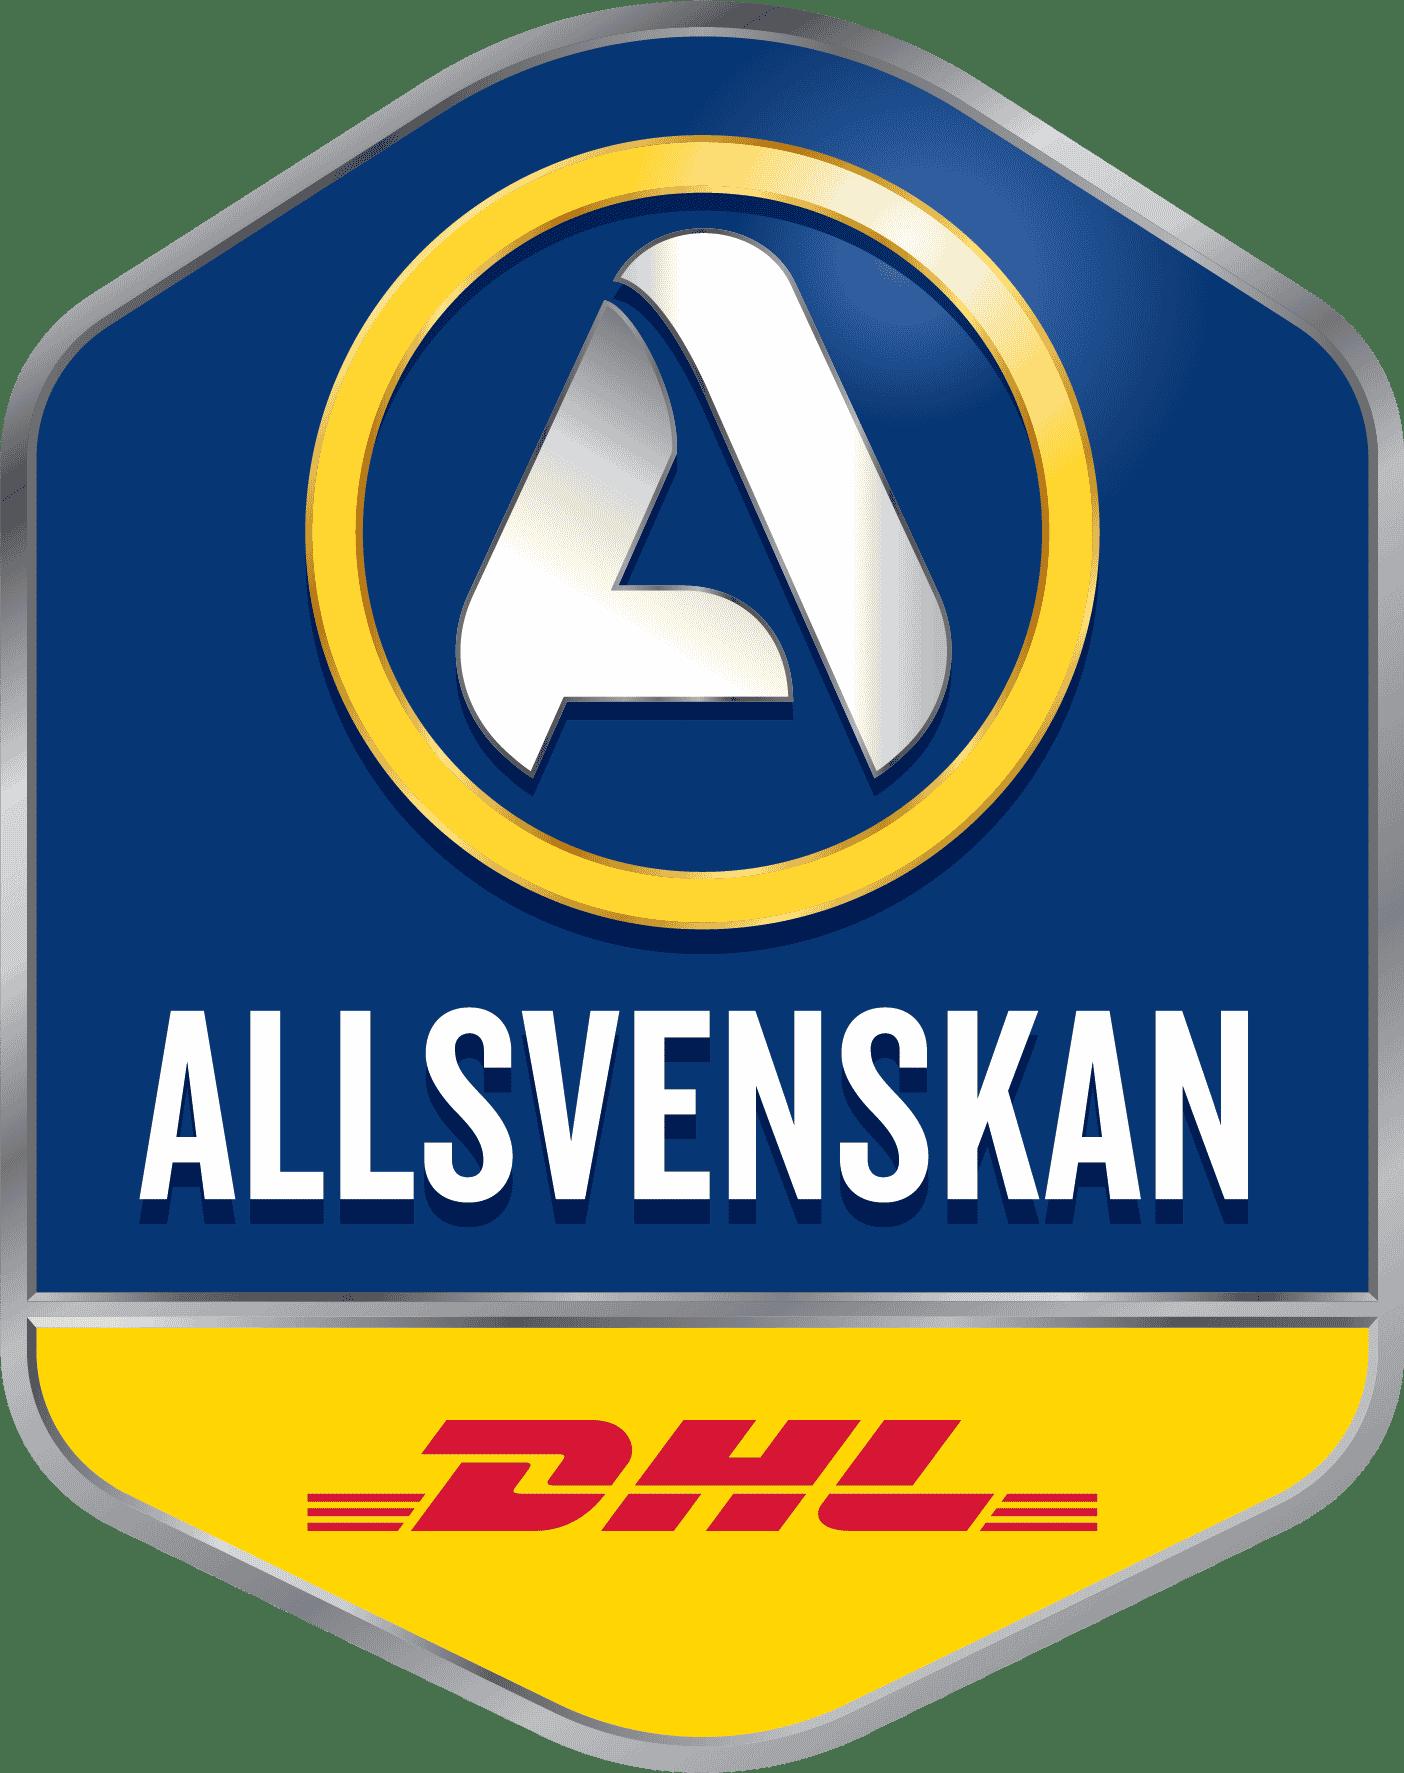 Allsvenskan stadiums 2021